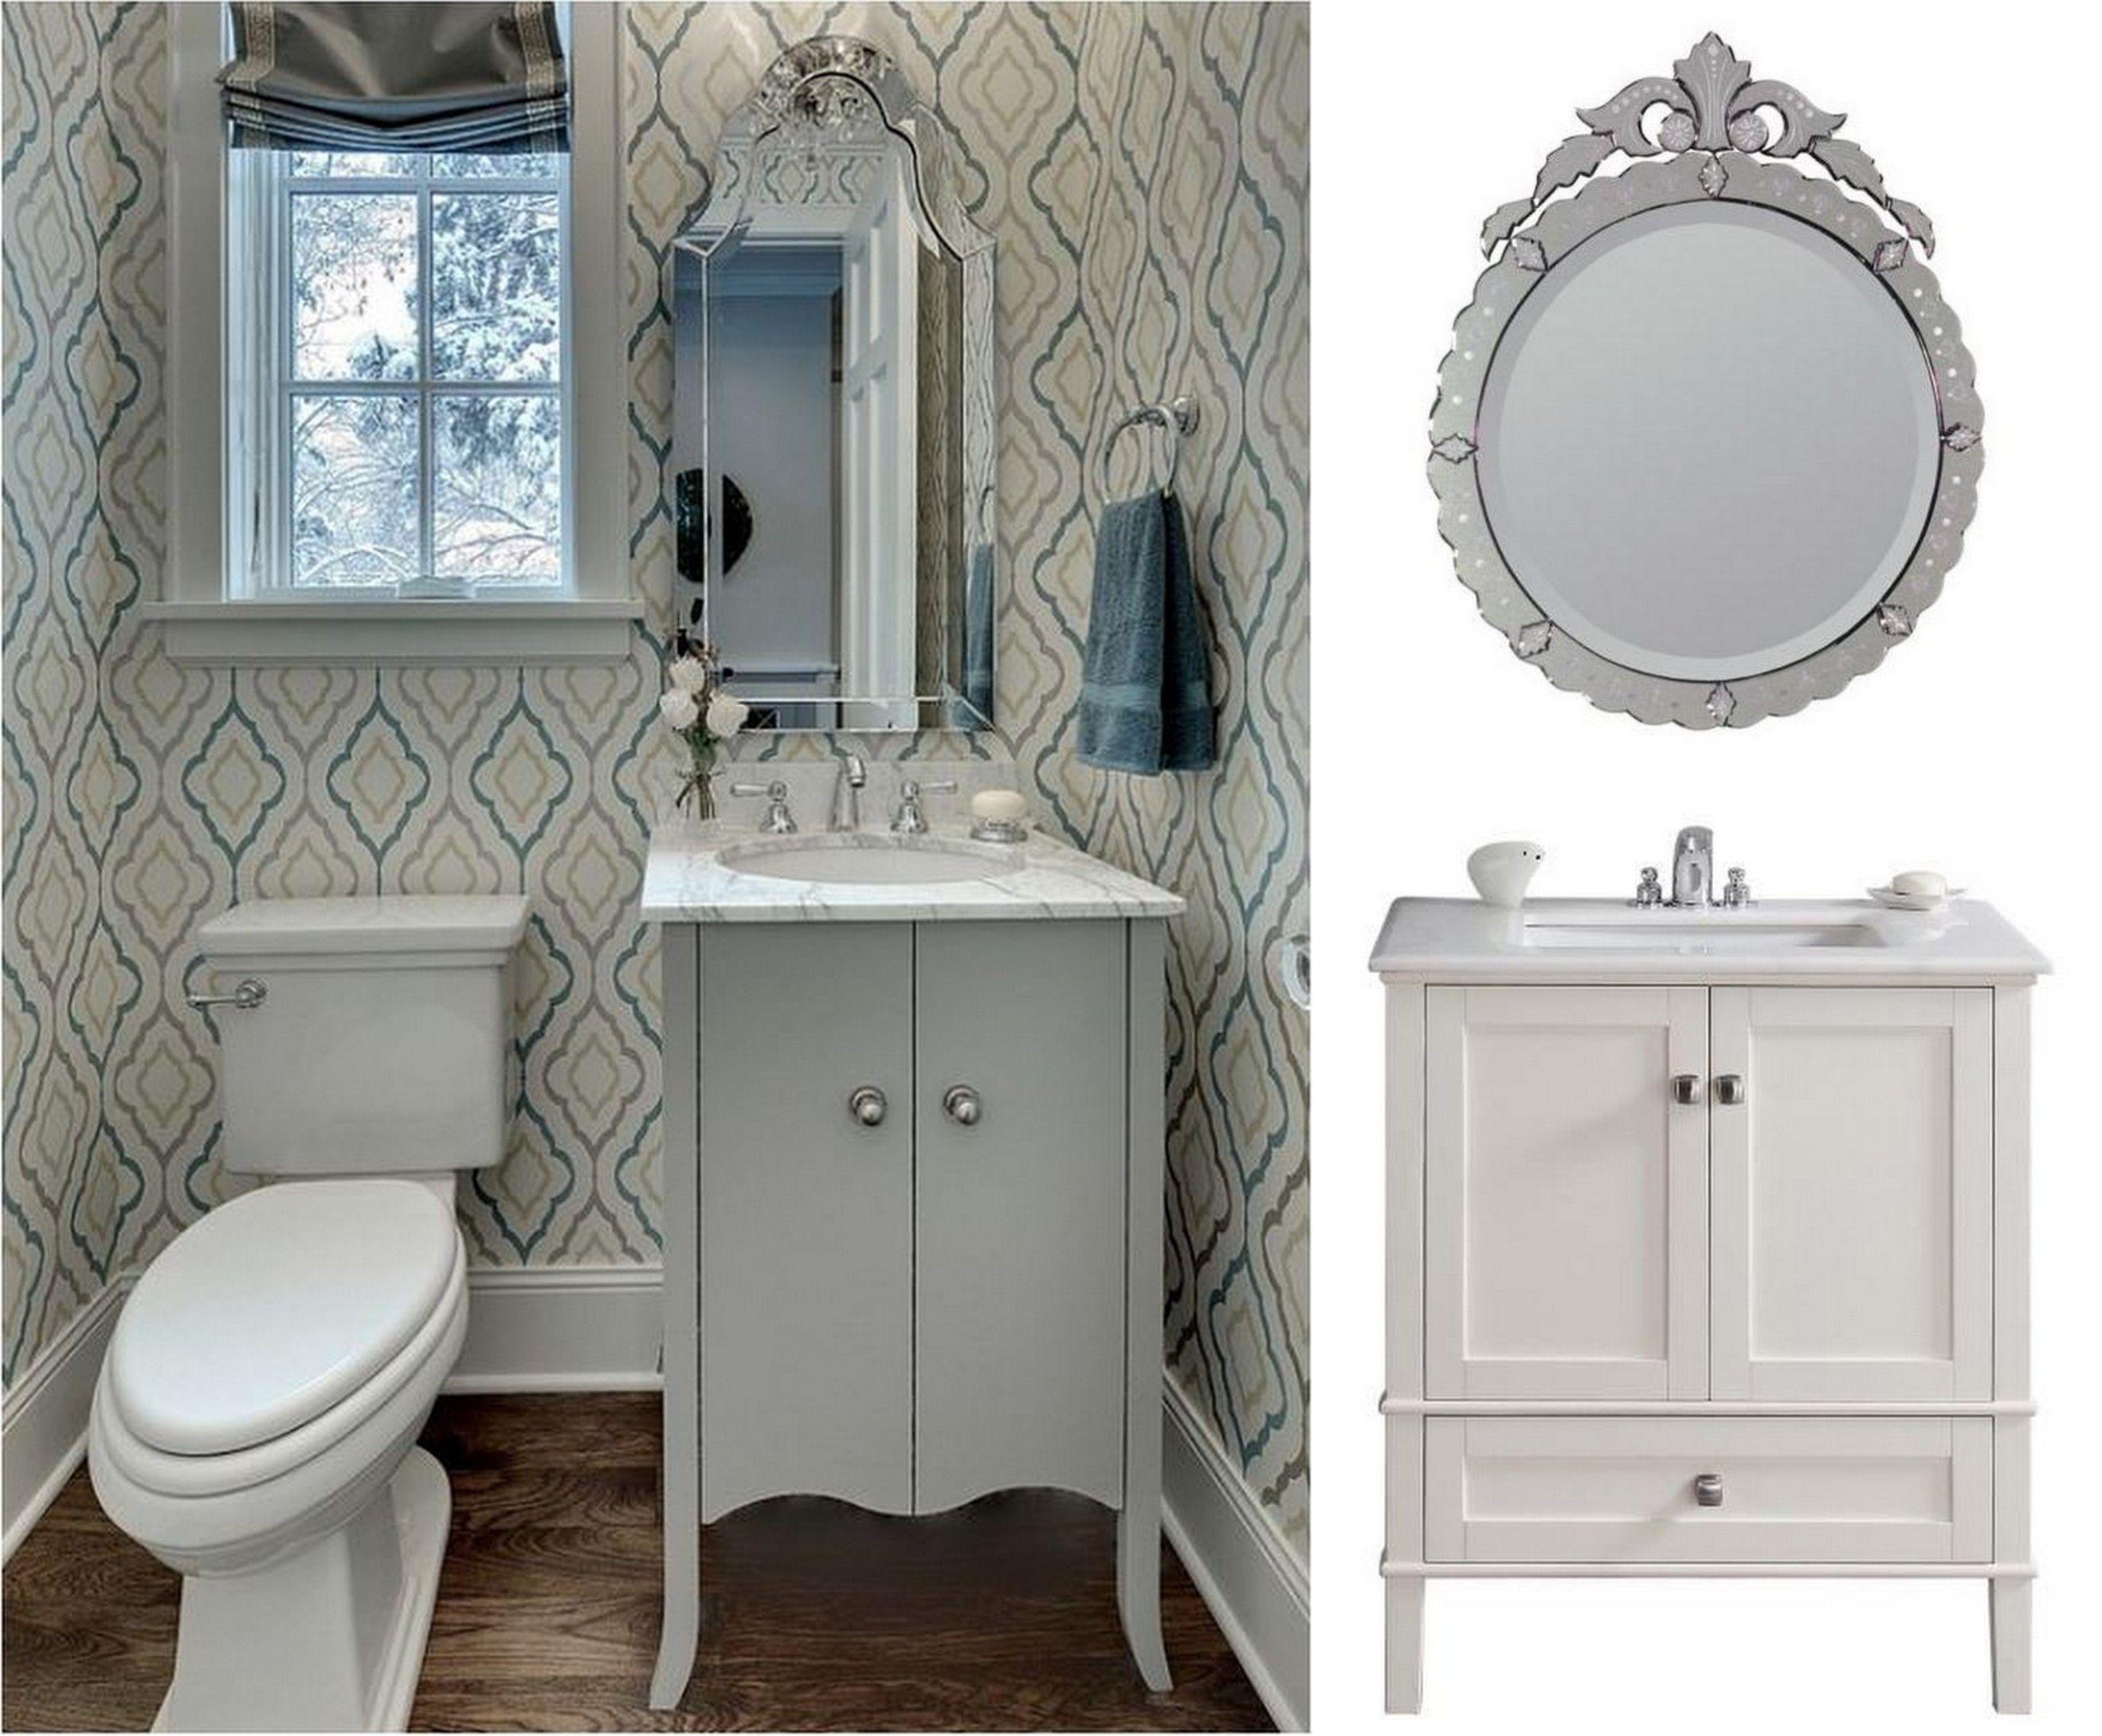 Bathroom Sconces Ideas bathroom sconces home depot   ideas   pinterest   bathroom sconces